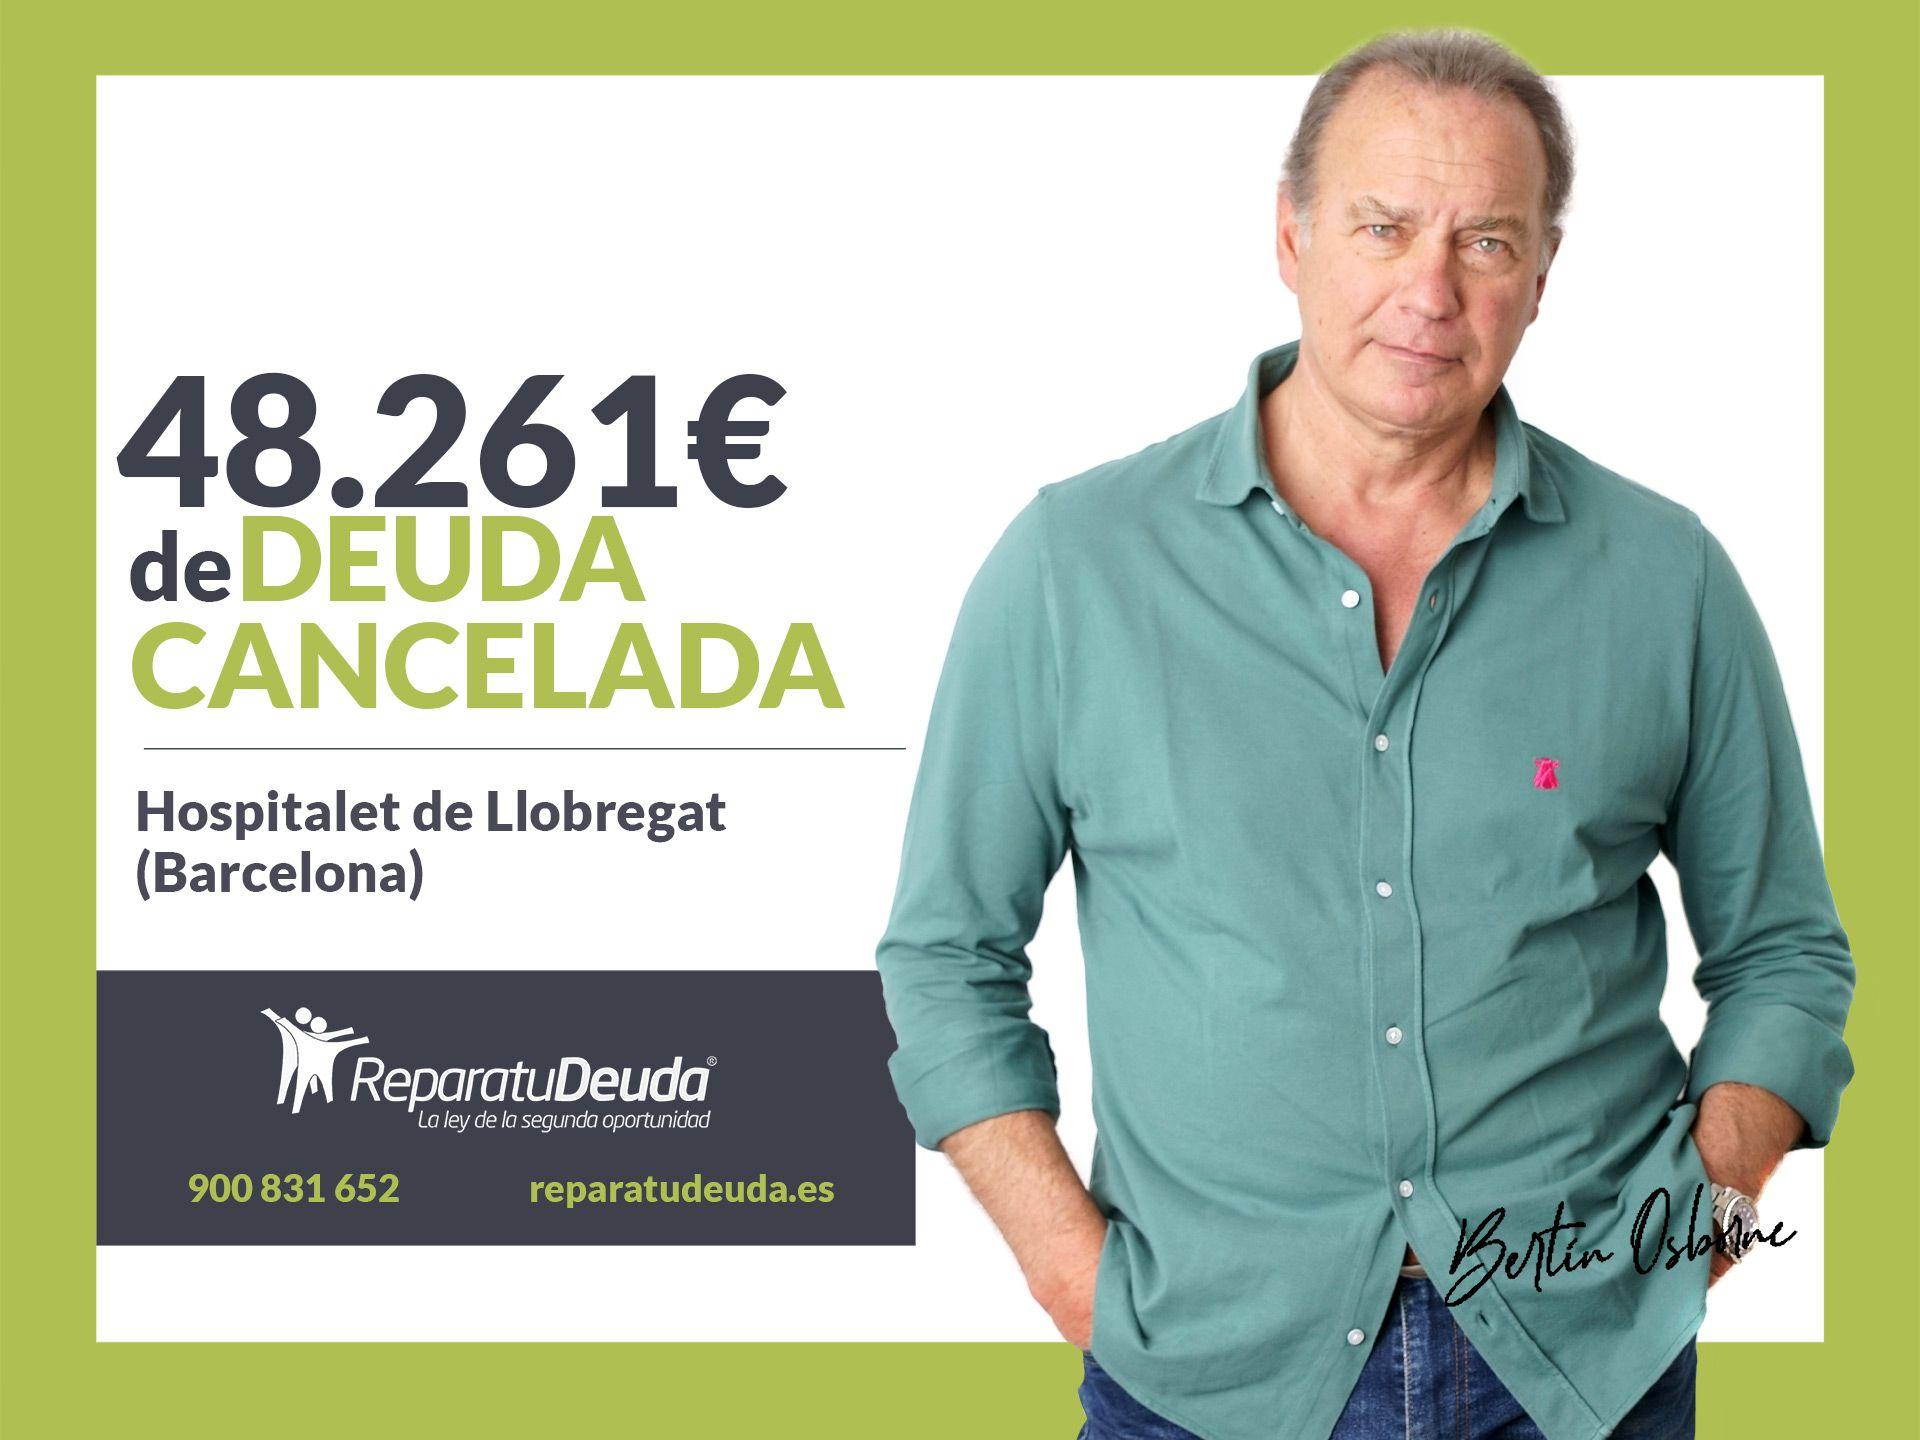 Repara tu Deuda cancela 48.261? en L'Hospitalet de Llobregat (Barcelona) con la Ley de Segunda Oportunidad